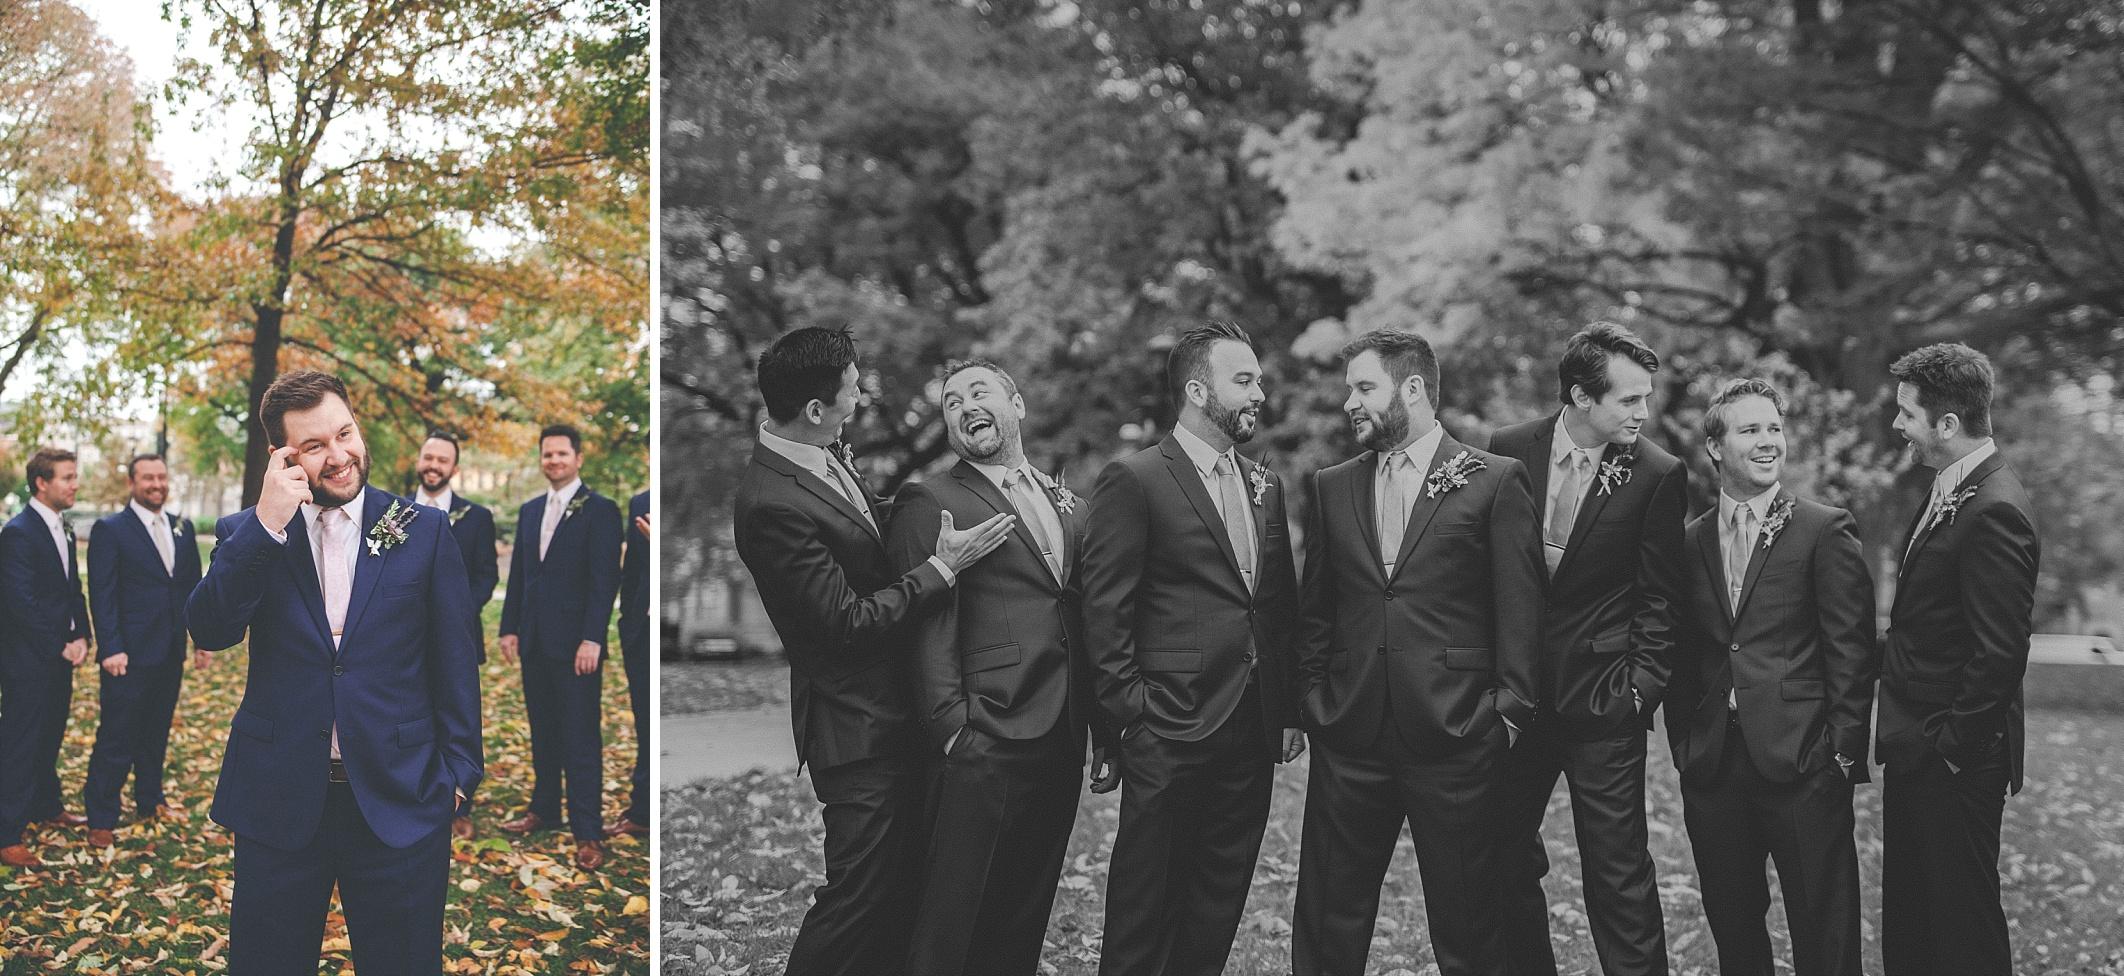 hilary-aaron-cincinnati-trancept-wedding-photographer-dayton-ohio_0011.jpg